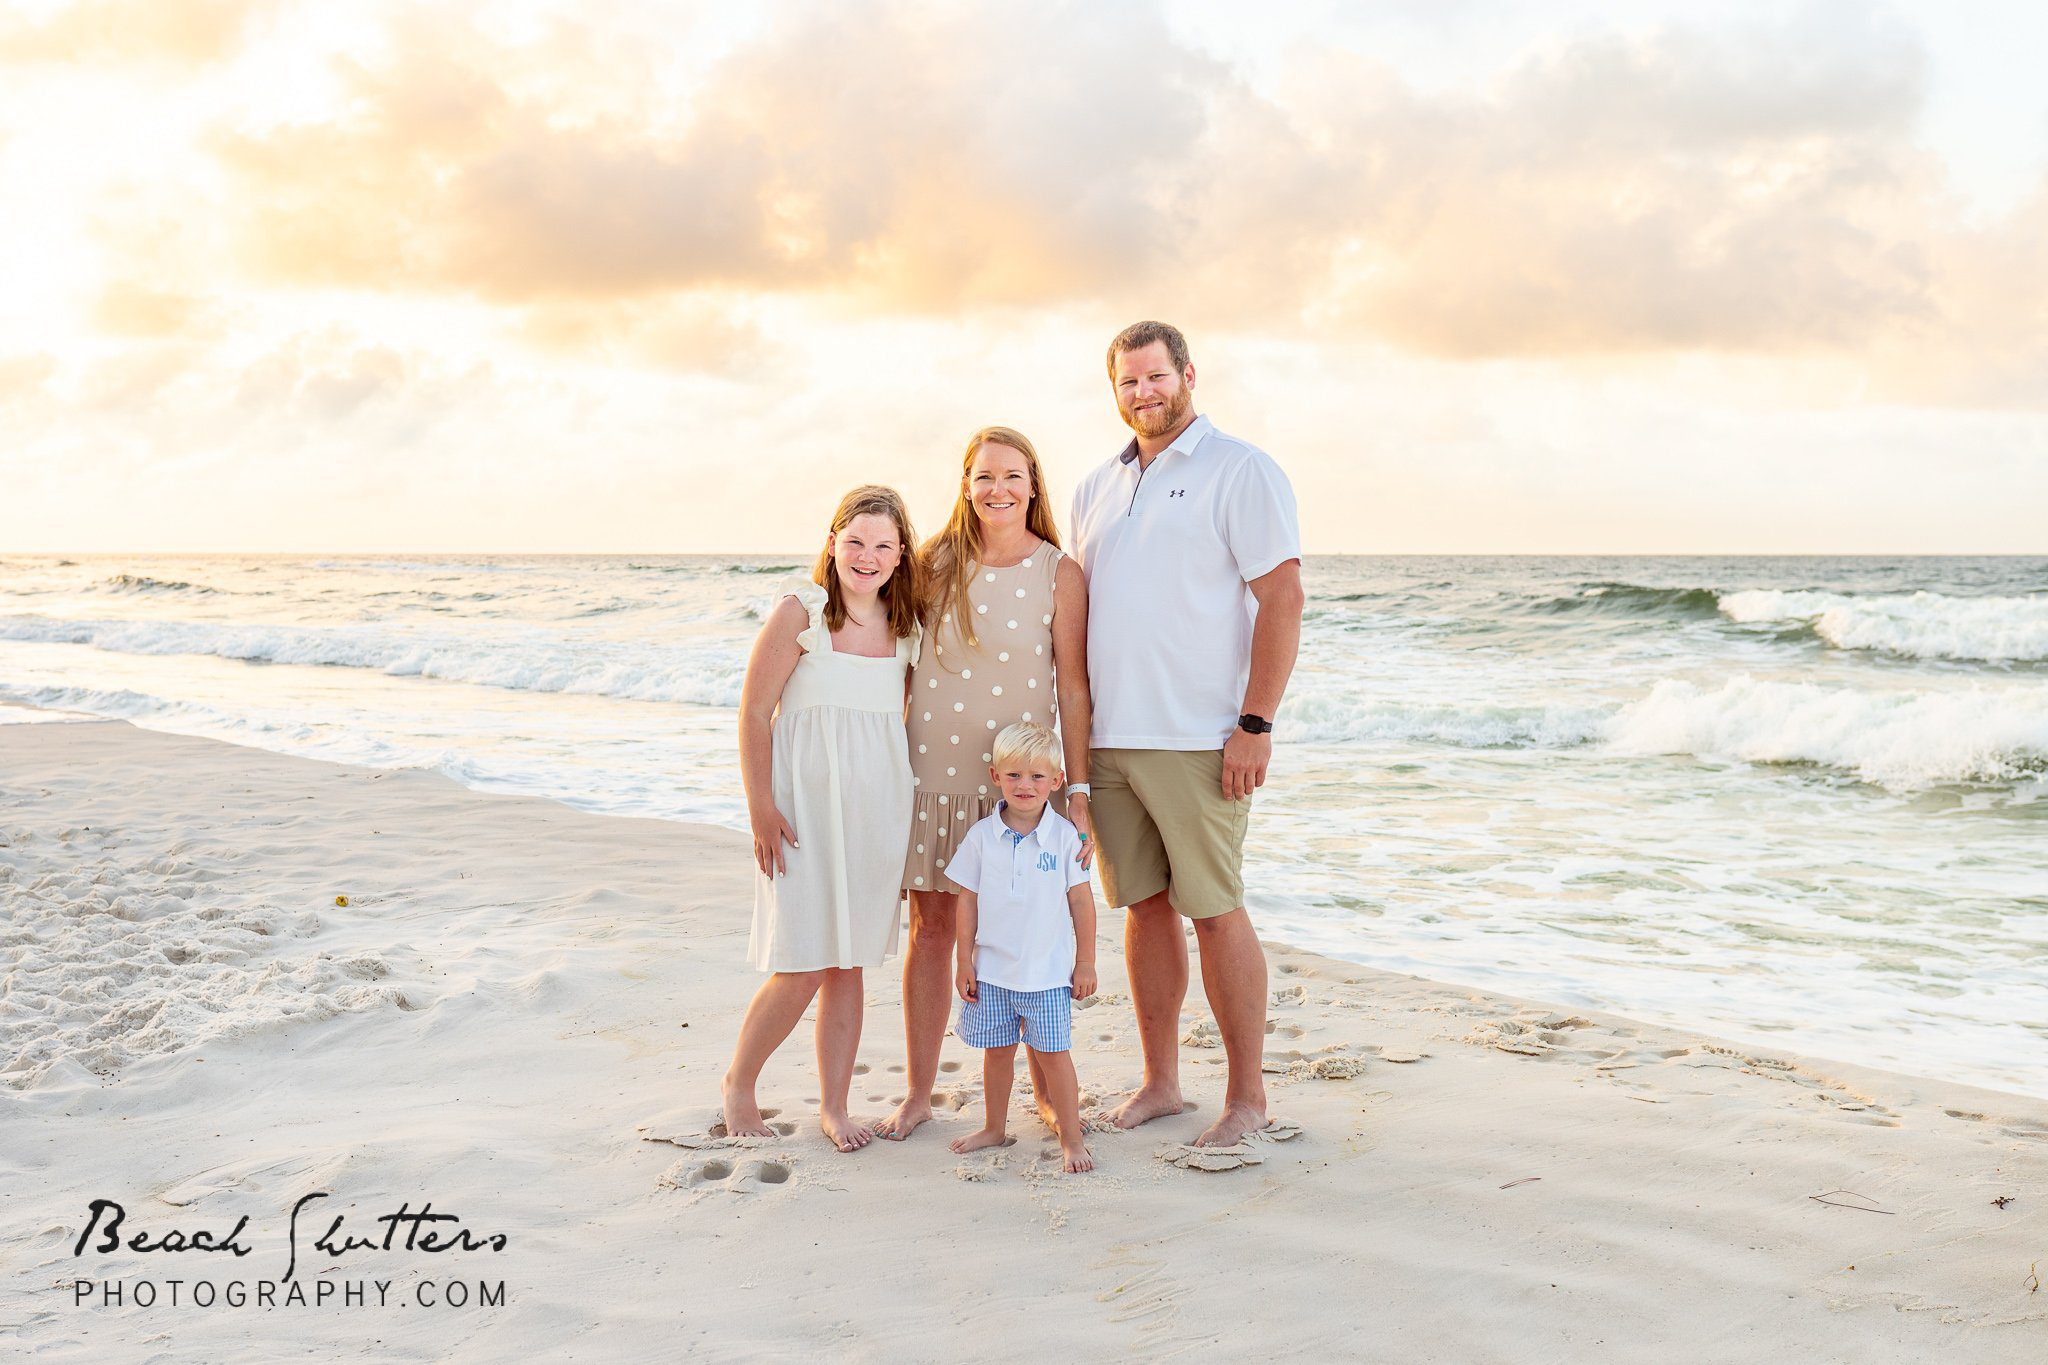 group photos at the beach